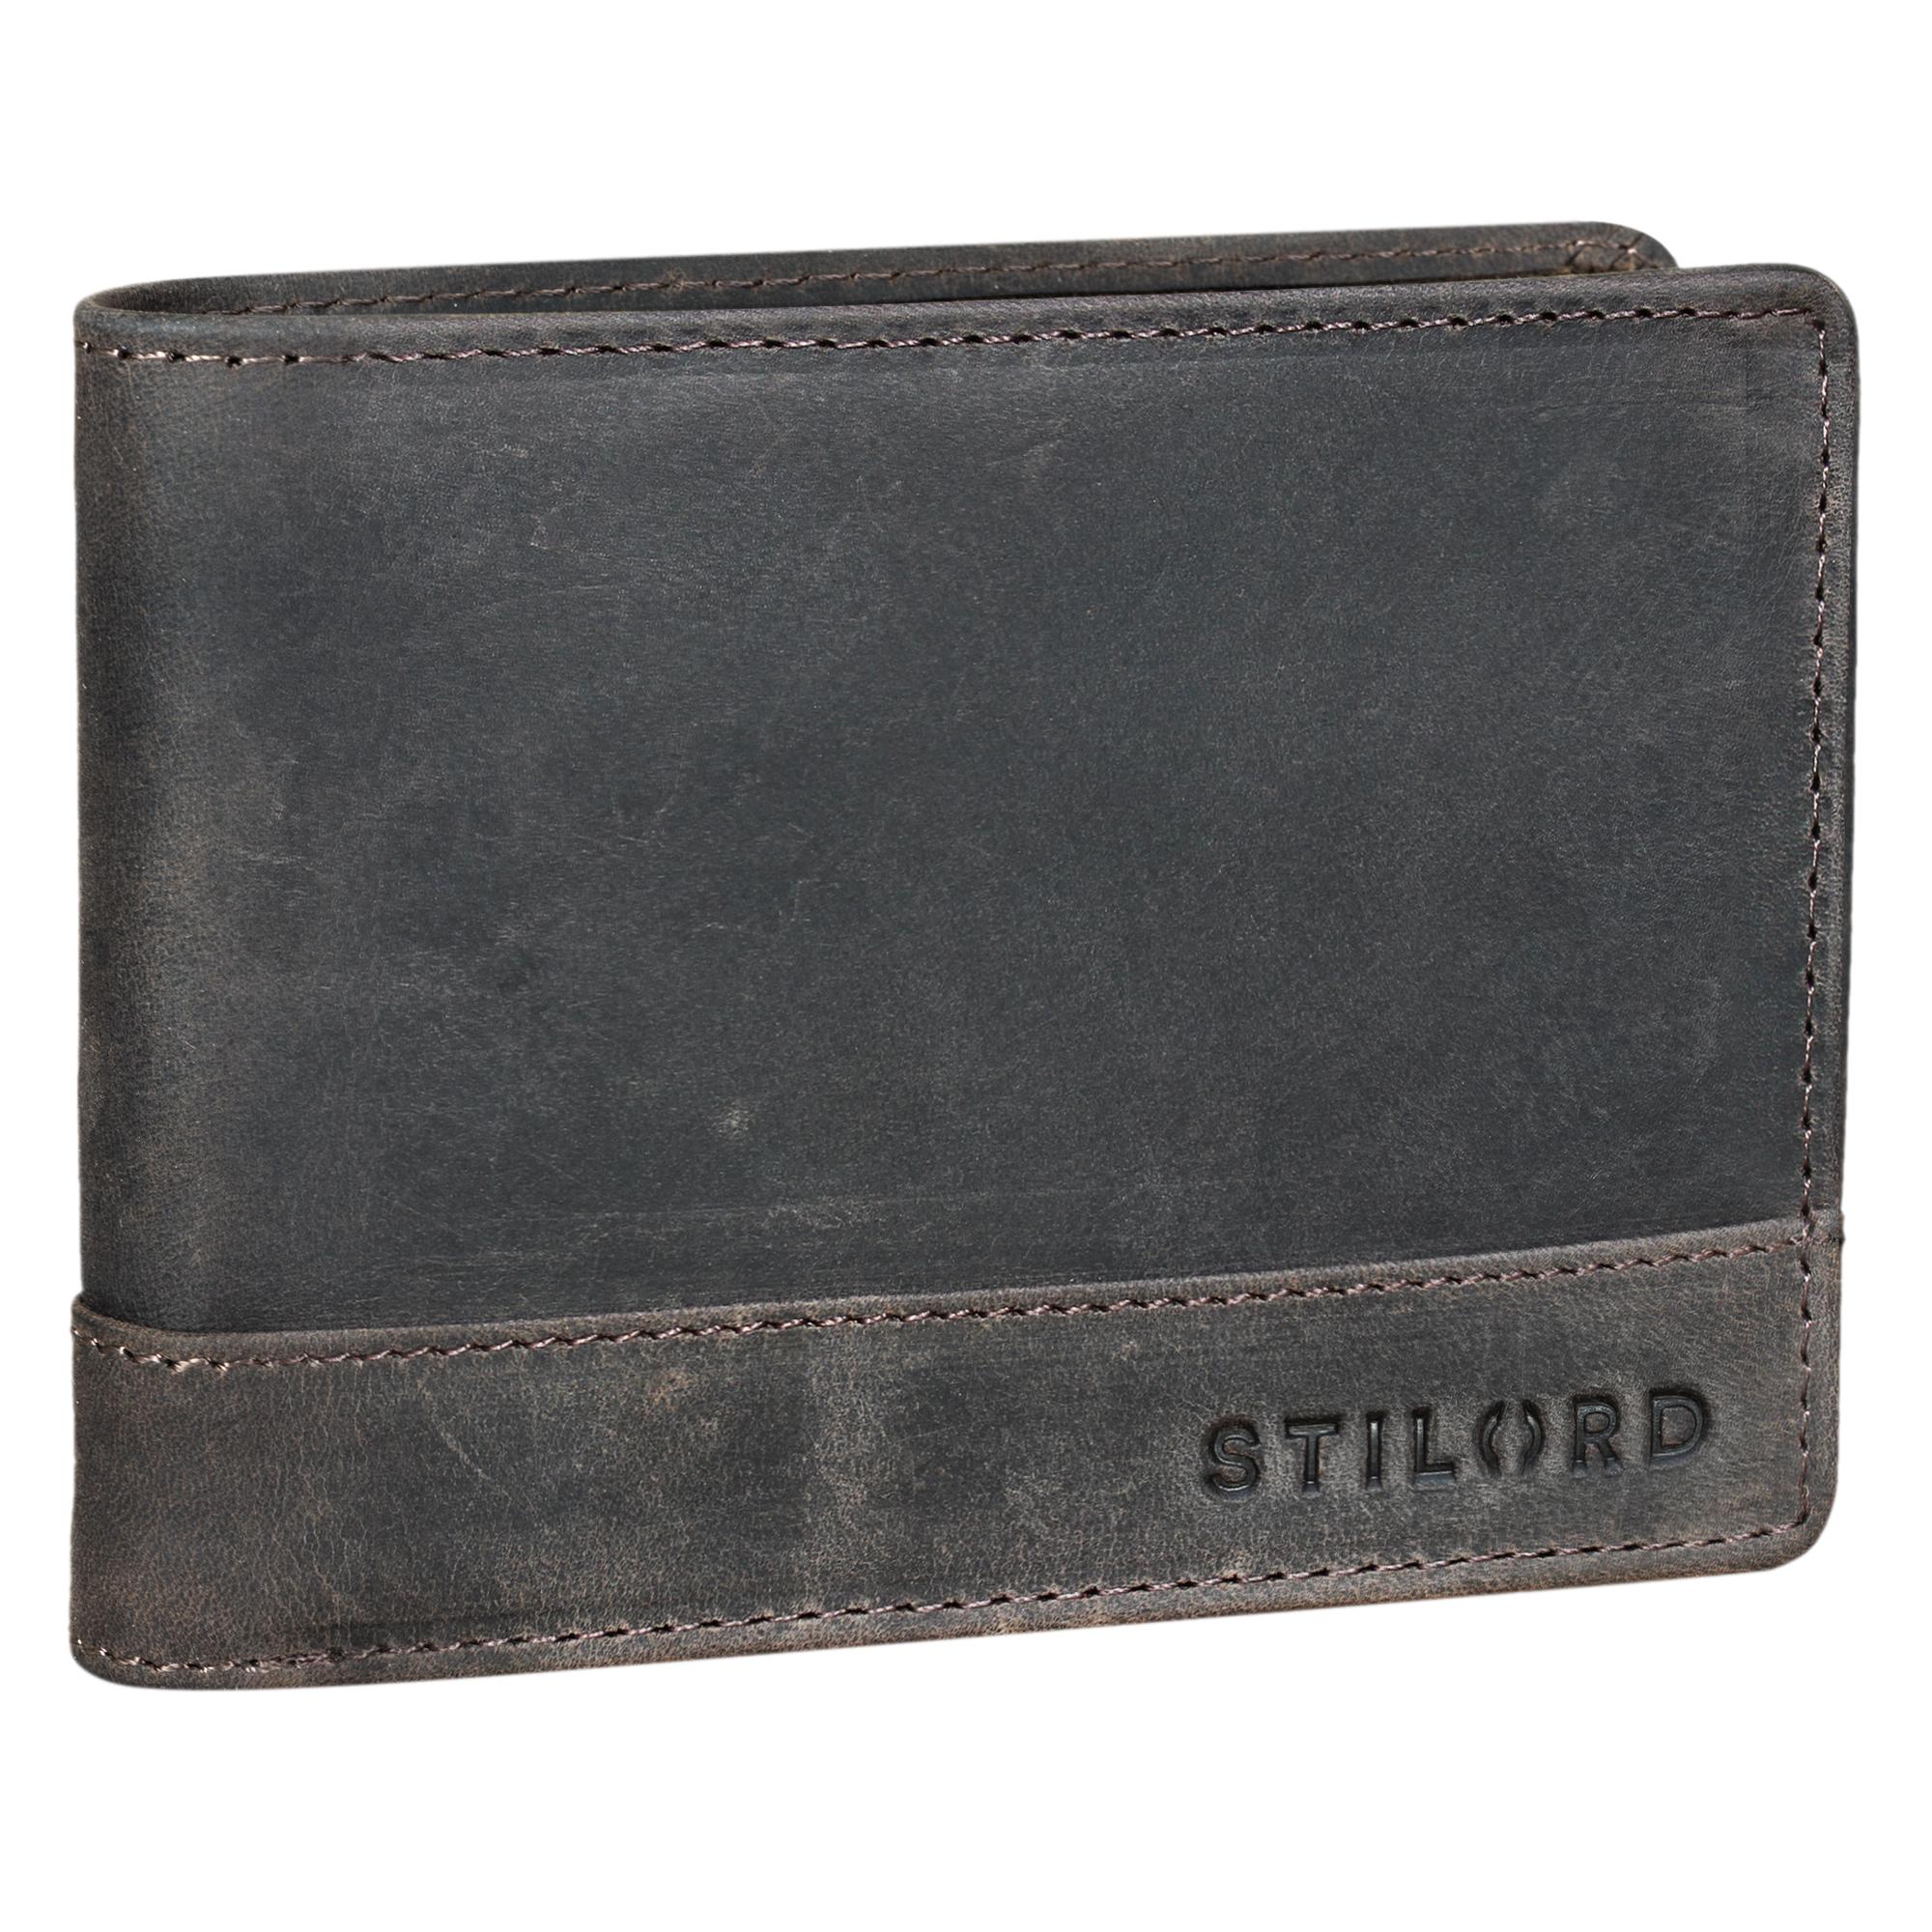 """STILORD """"Lucius"""" Vintage Portemonnaie Leder Herren Brieftasche Geldbörse Portmonee Geldbeutel Wallet Echtleder - Bild 13"""